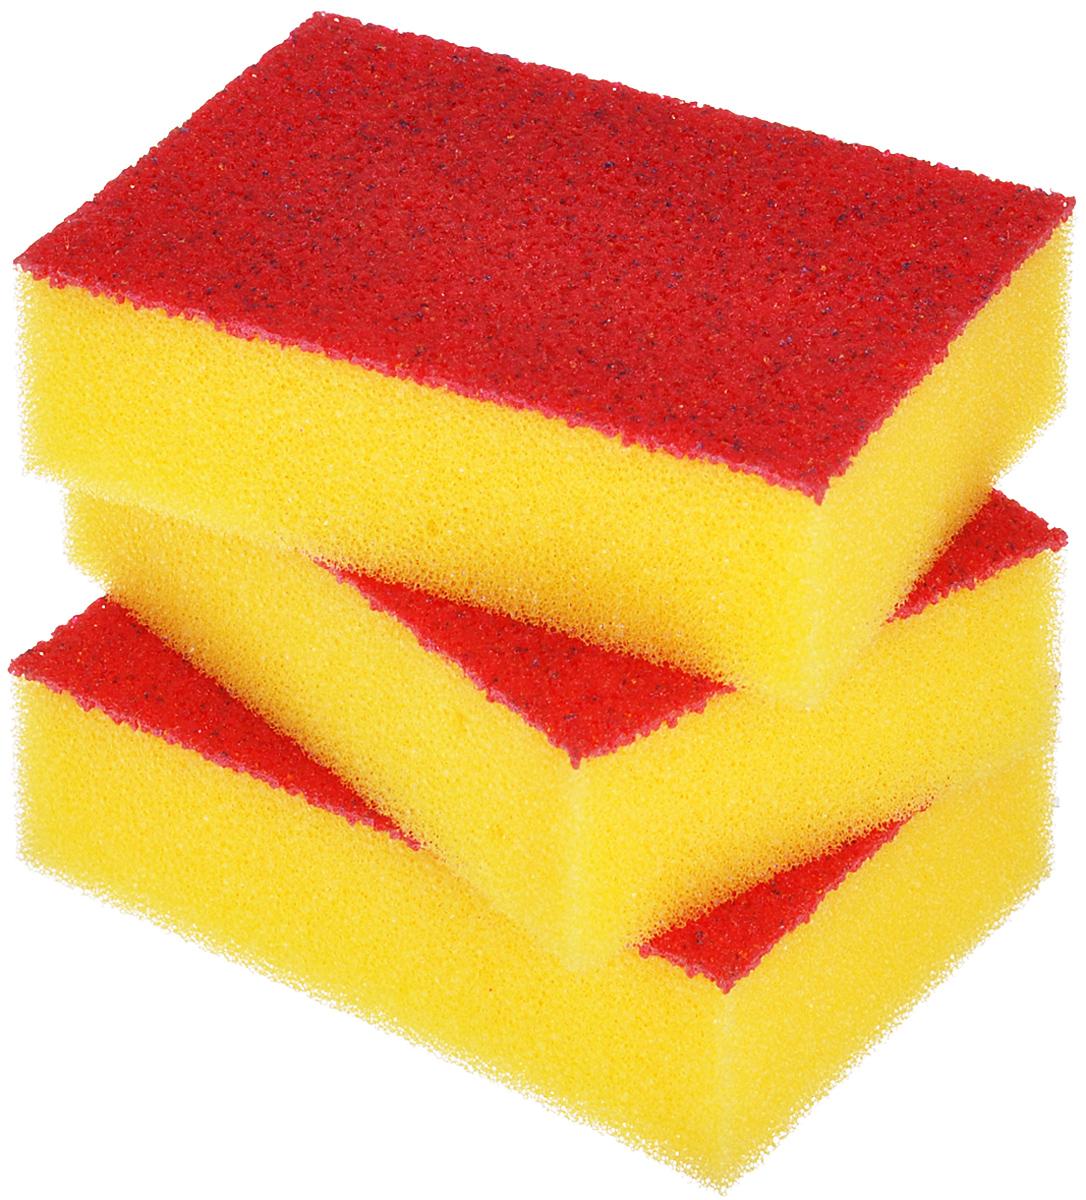 Набор губок Хозяюшка Мила Люкс для мытья посуды, цвет: желтый, 3 шт01011Поролоновые губки Хозяюшка Мила Люкс отличаются от большинства губок тем, что вместо абразивного чистящего слоя используется слой с эластомерной активной поверхностью (эластомер имеет полиуретановую основу). В отличие от абразивной фибры эластомер не наклеивается, а накатывается на поролон, поэтому срок службы такой губки во много раз дольше, чем обычной губки.